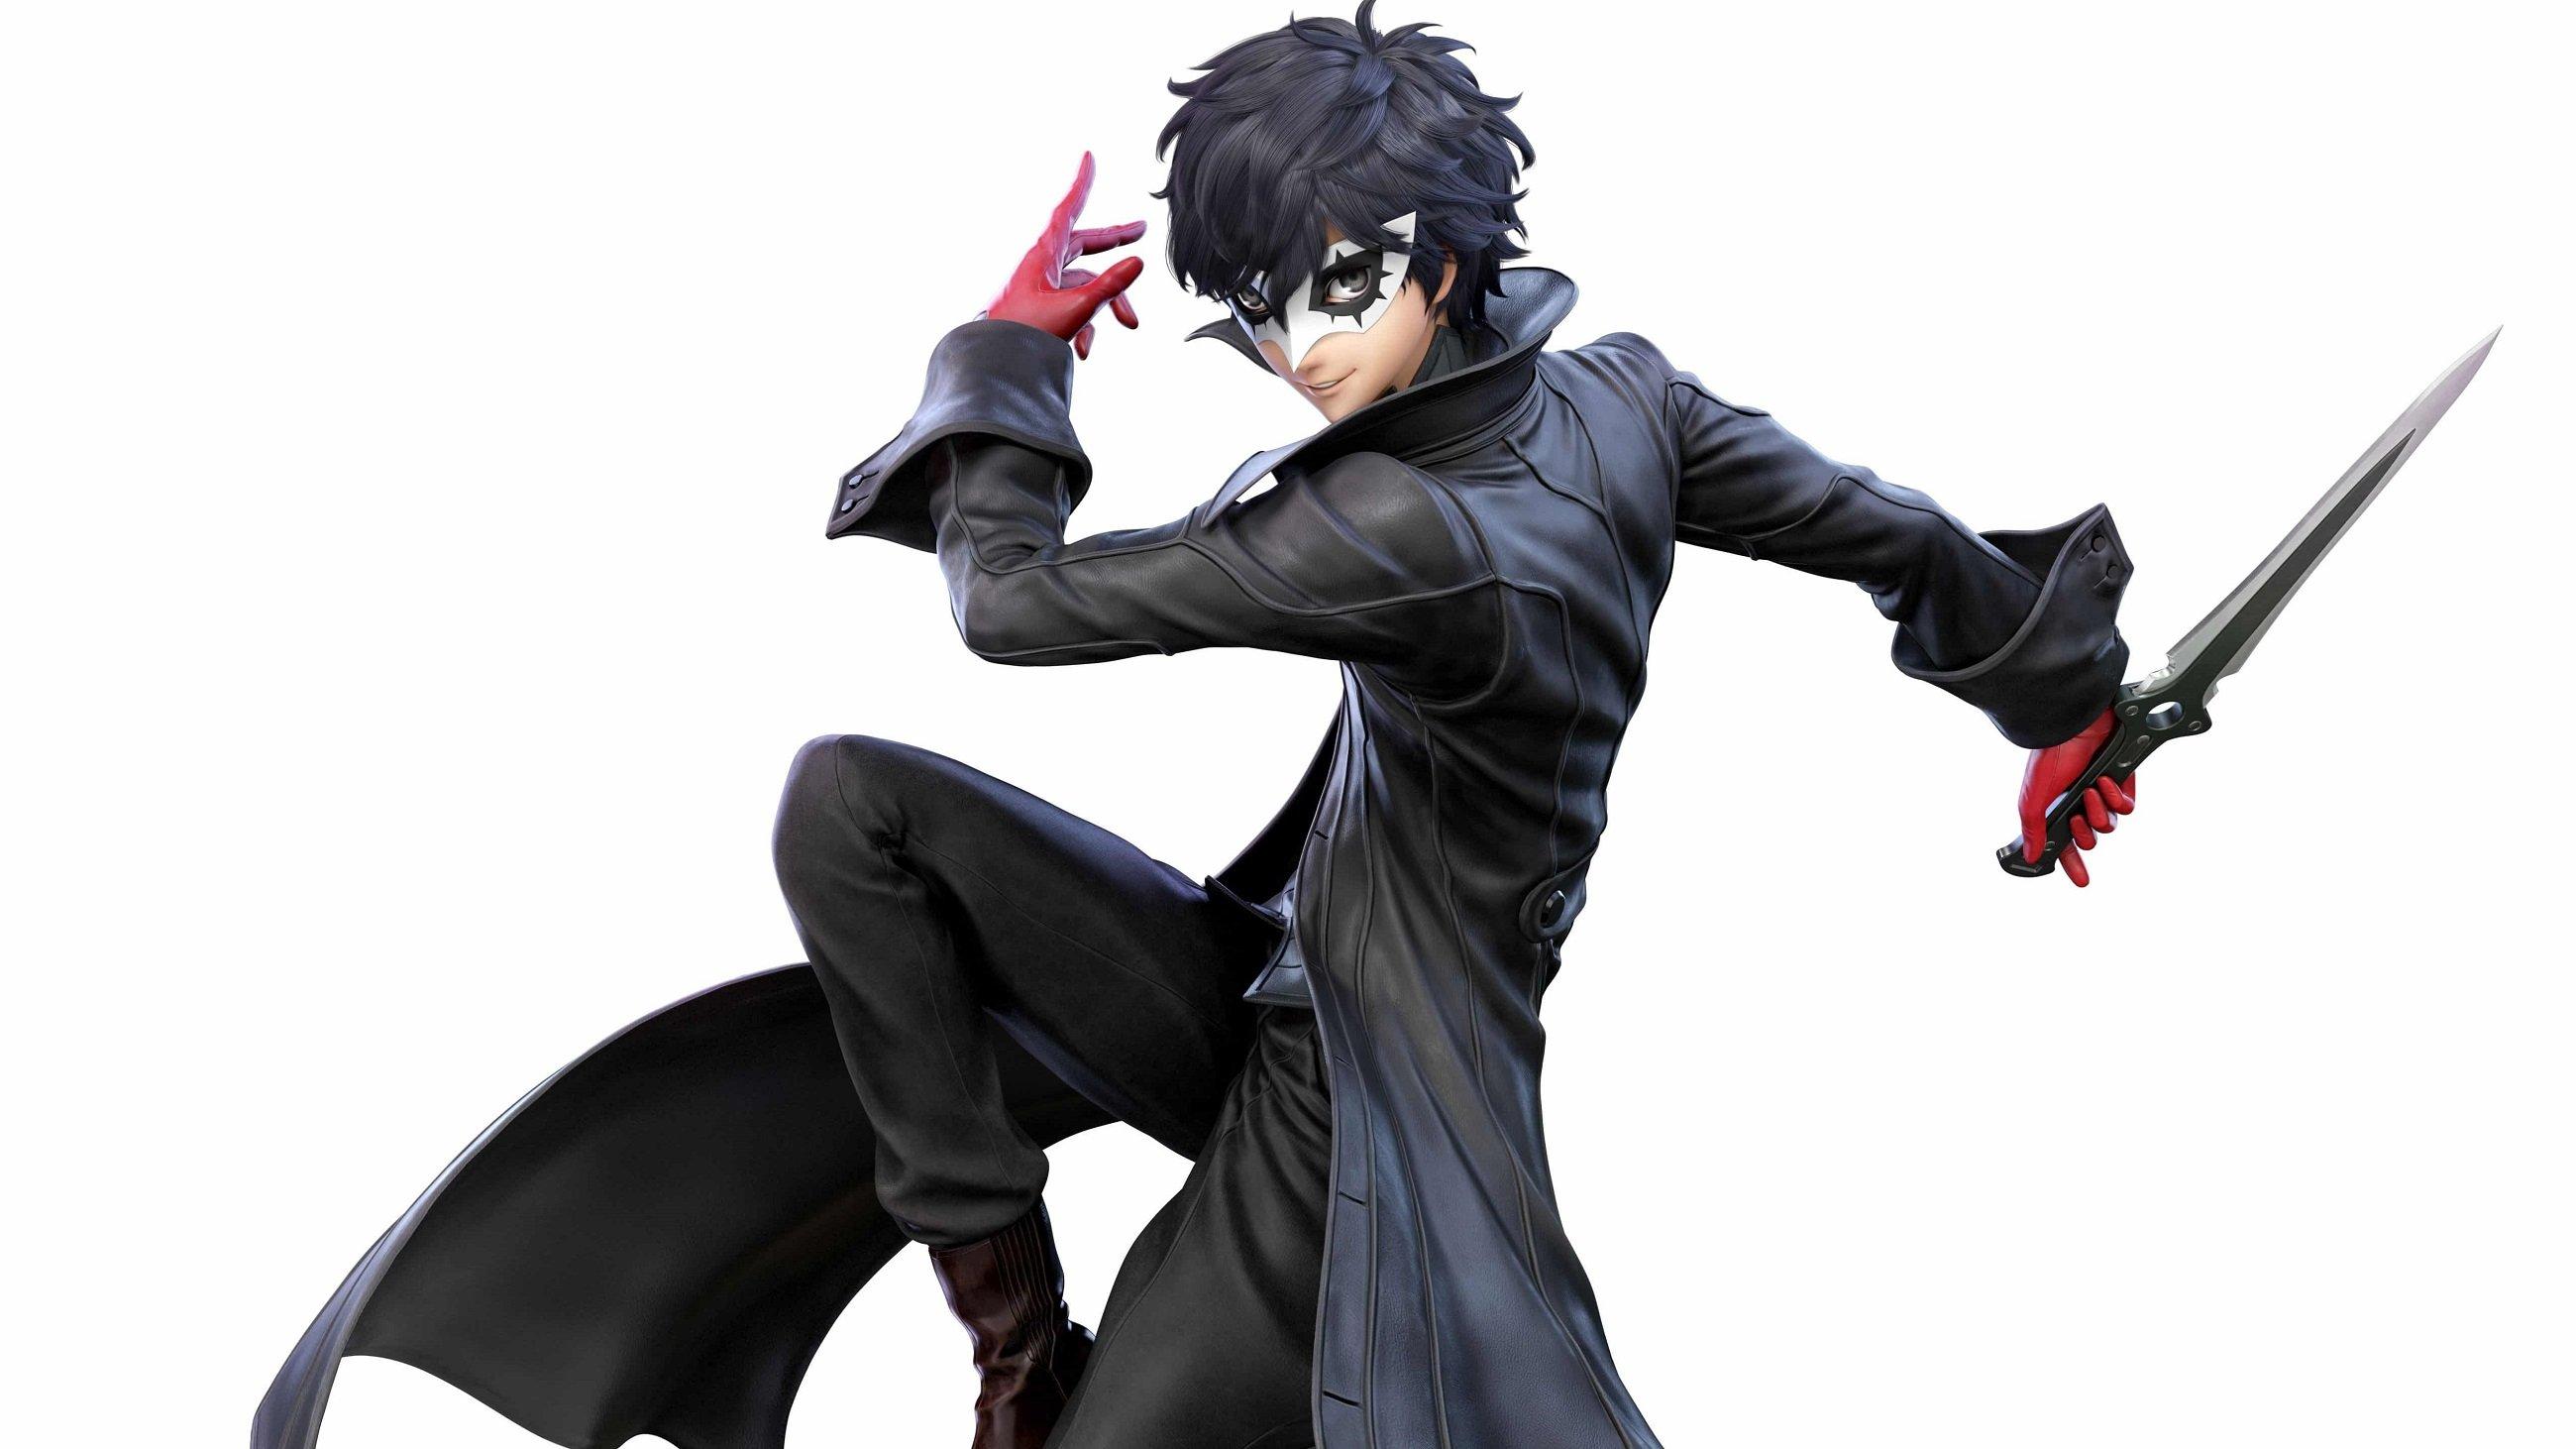 Joker's full moveset list in Smash Bros. Ultimate